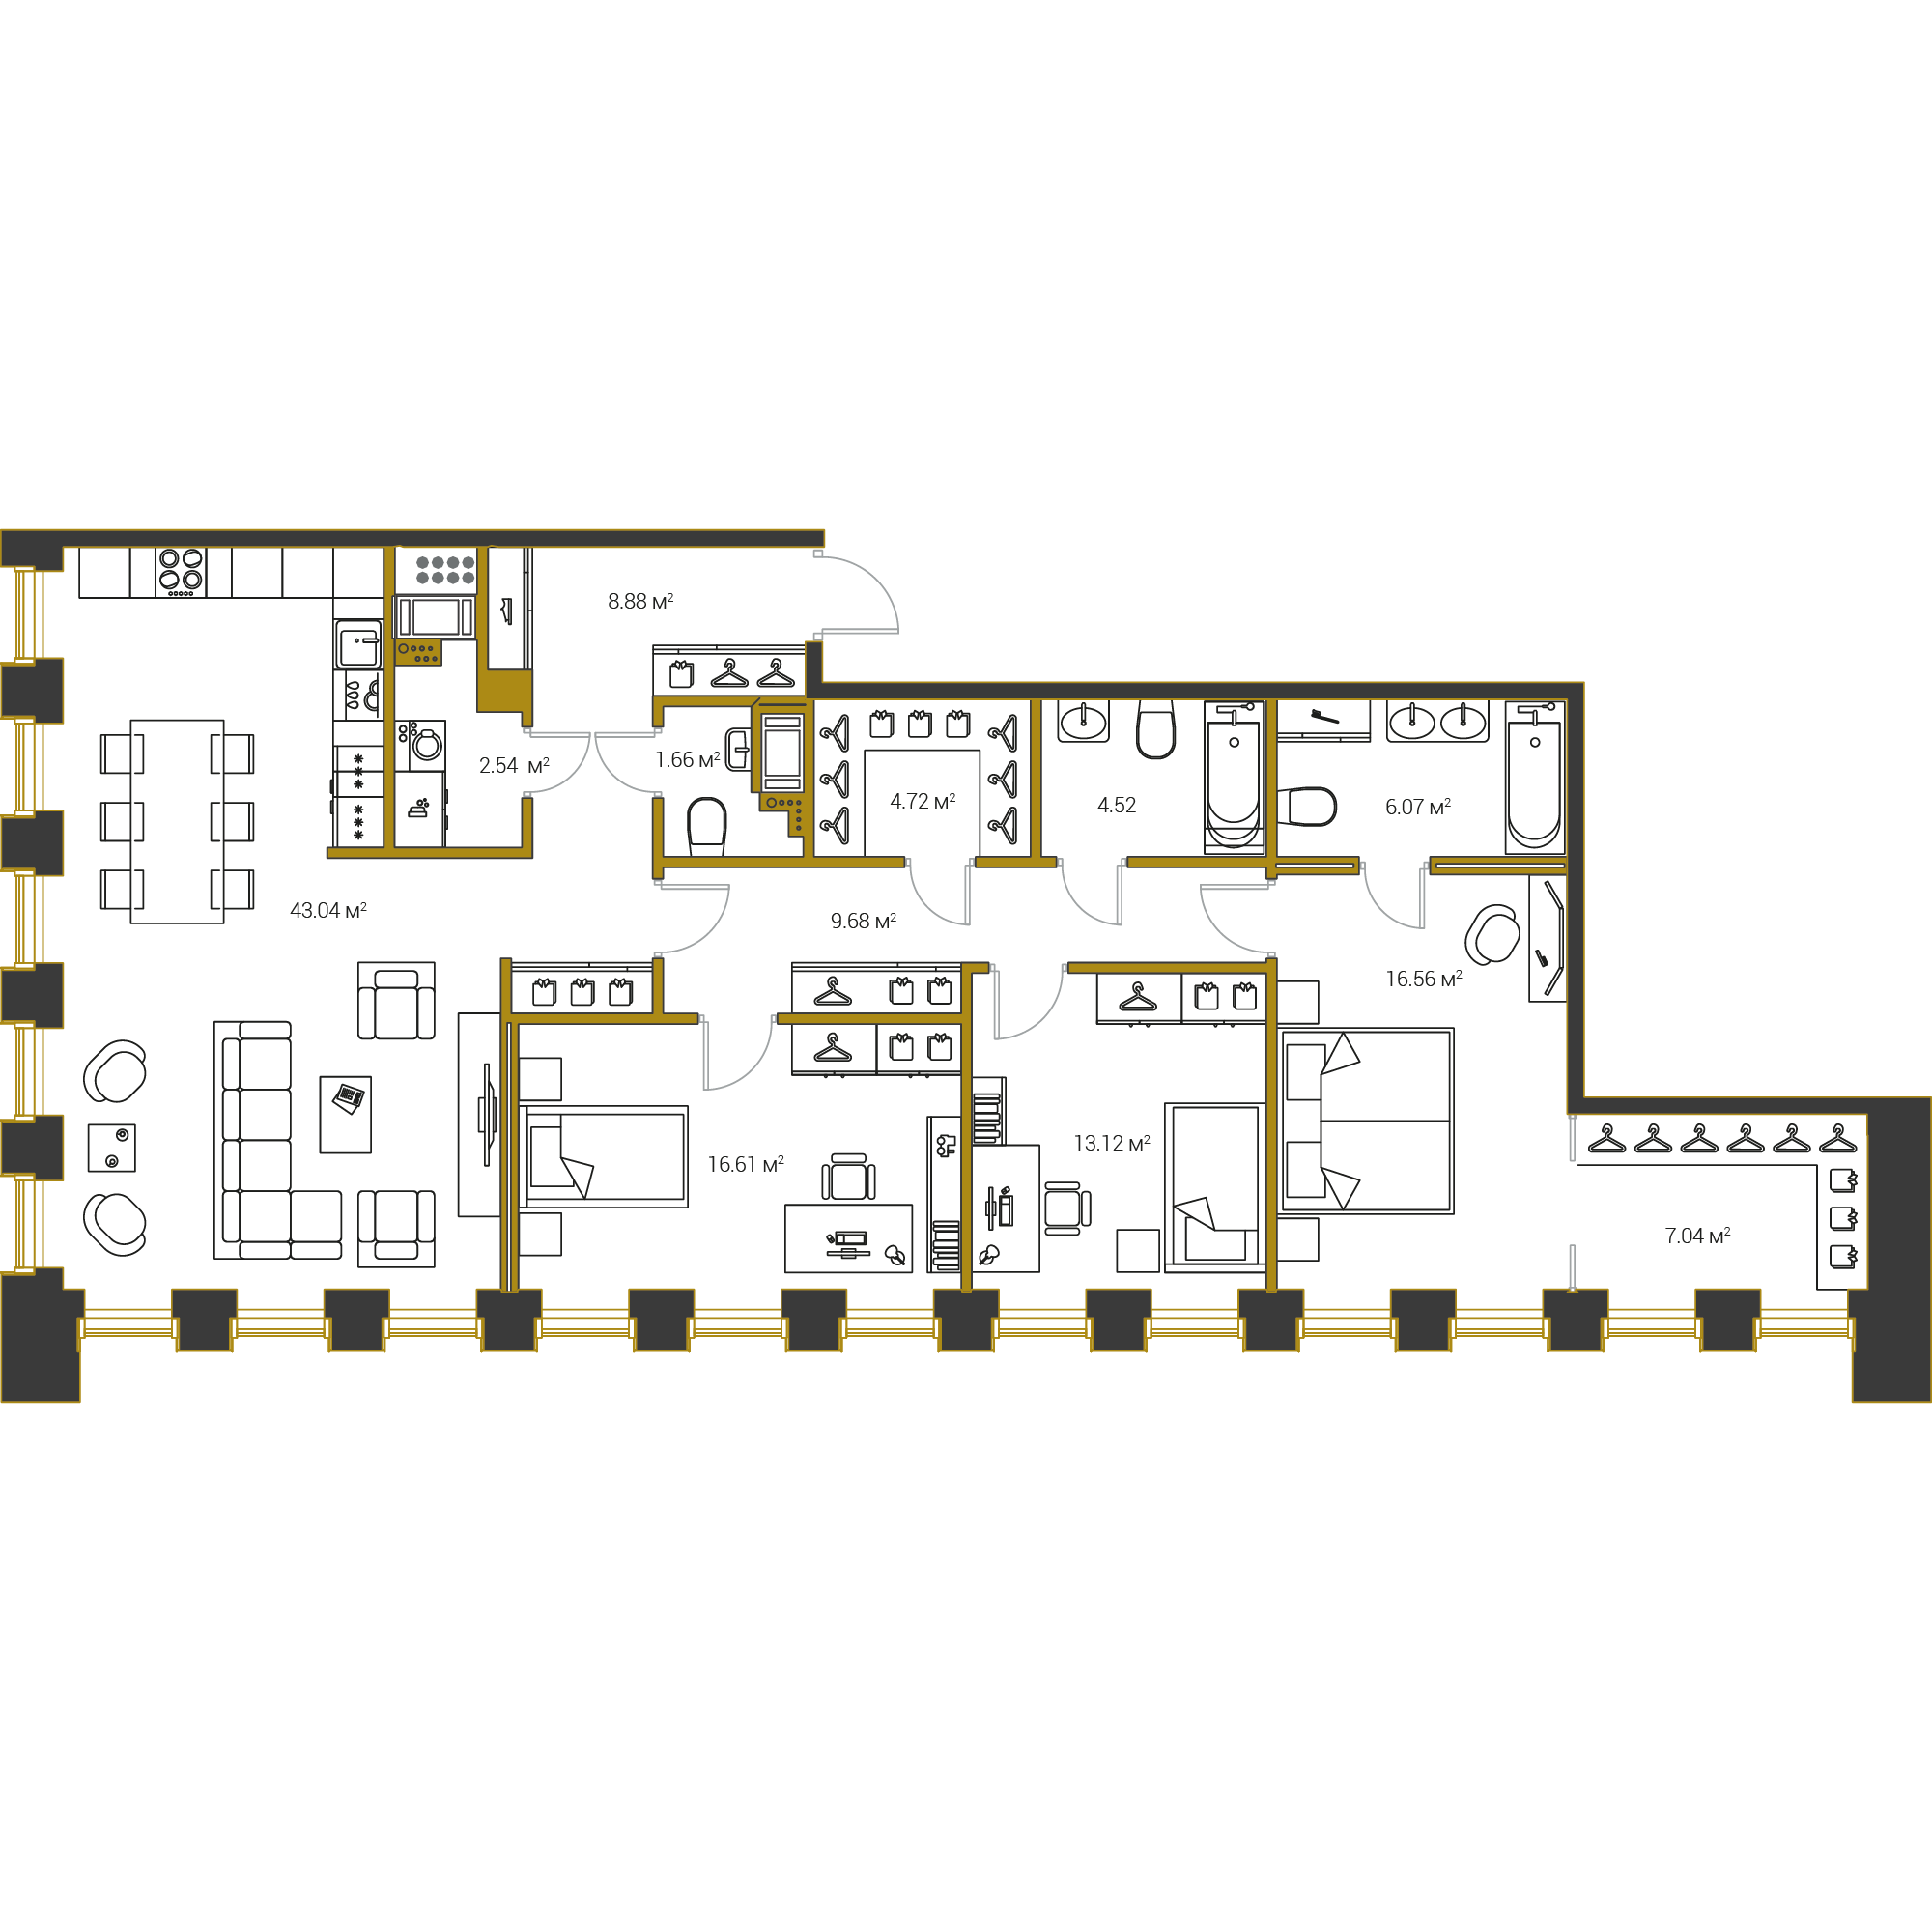 3-комнатная квартира №16 в: Институтский,16: 134.44 м²; этаж: 16 - купить в Санкт-Петербурге